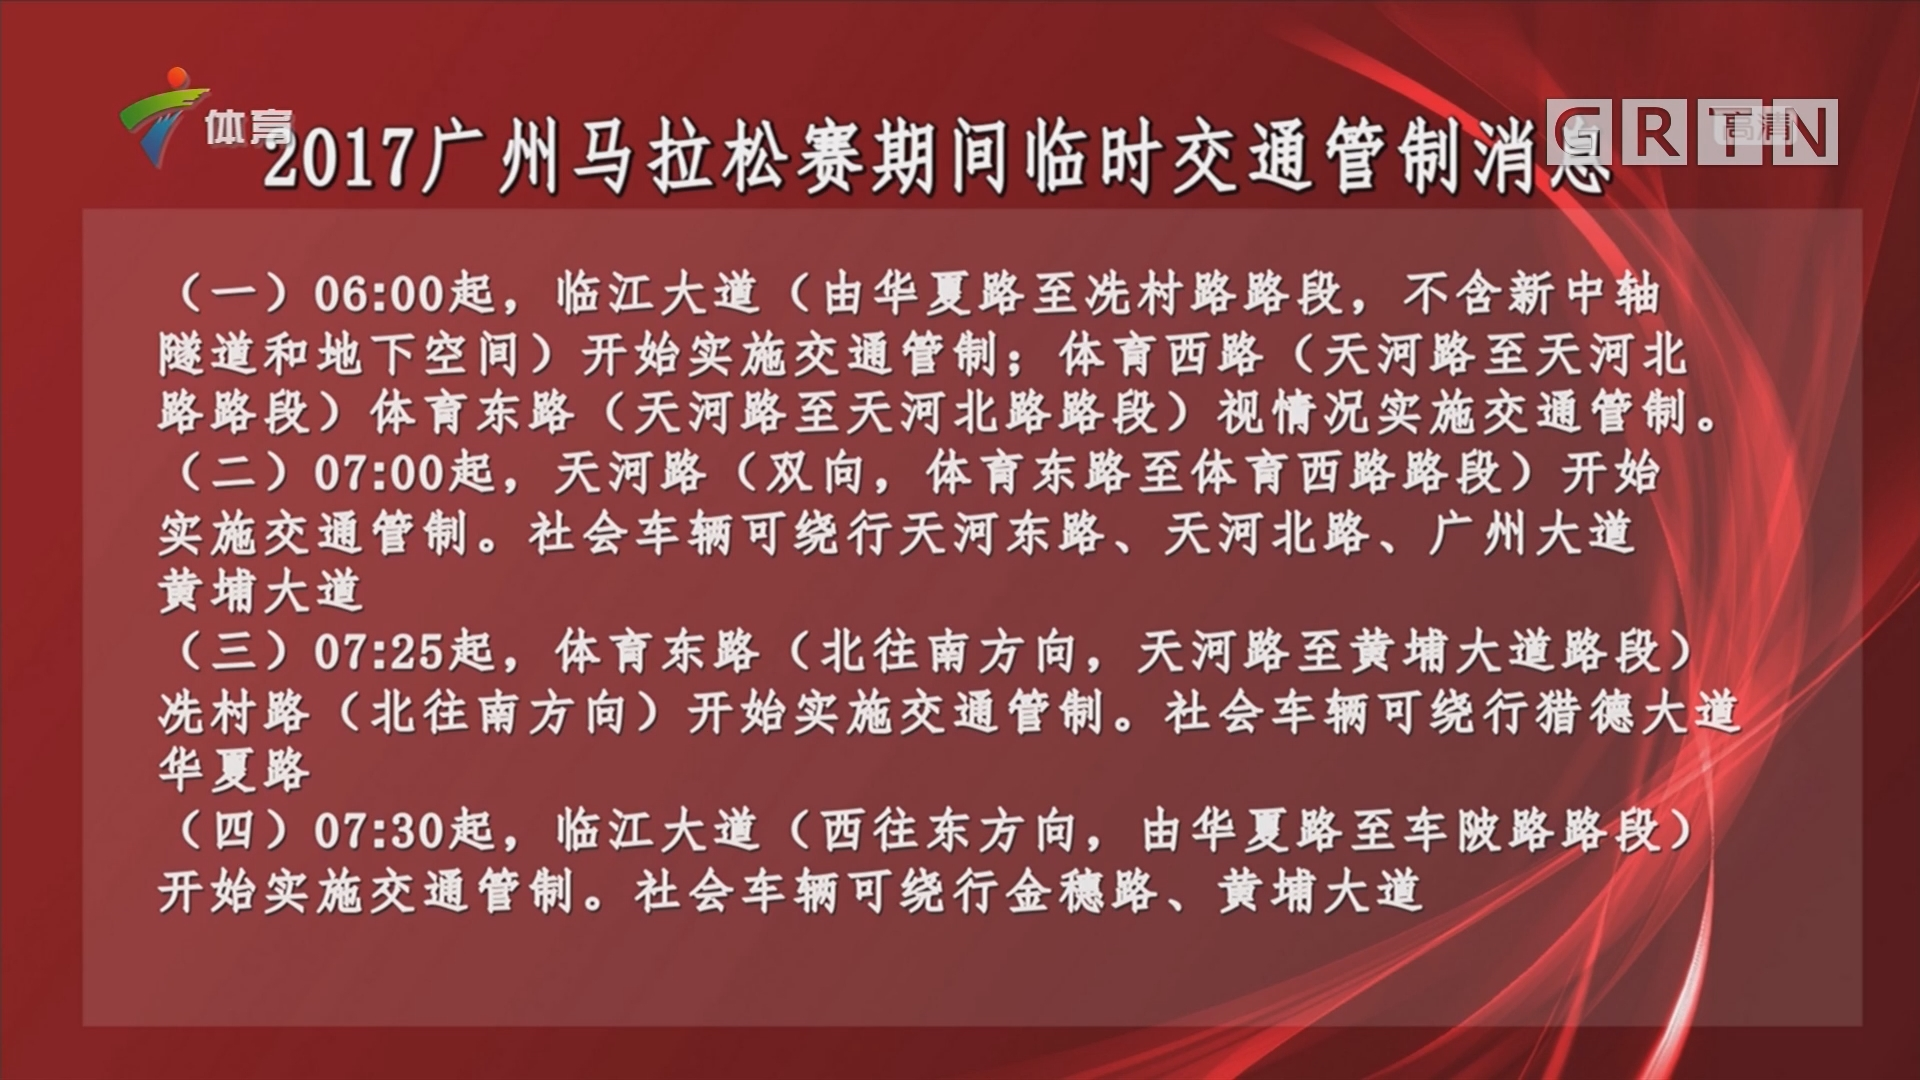 2017广州马拉松赛期间临时交通管制消息